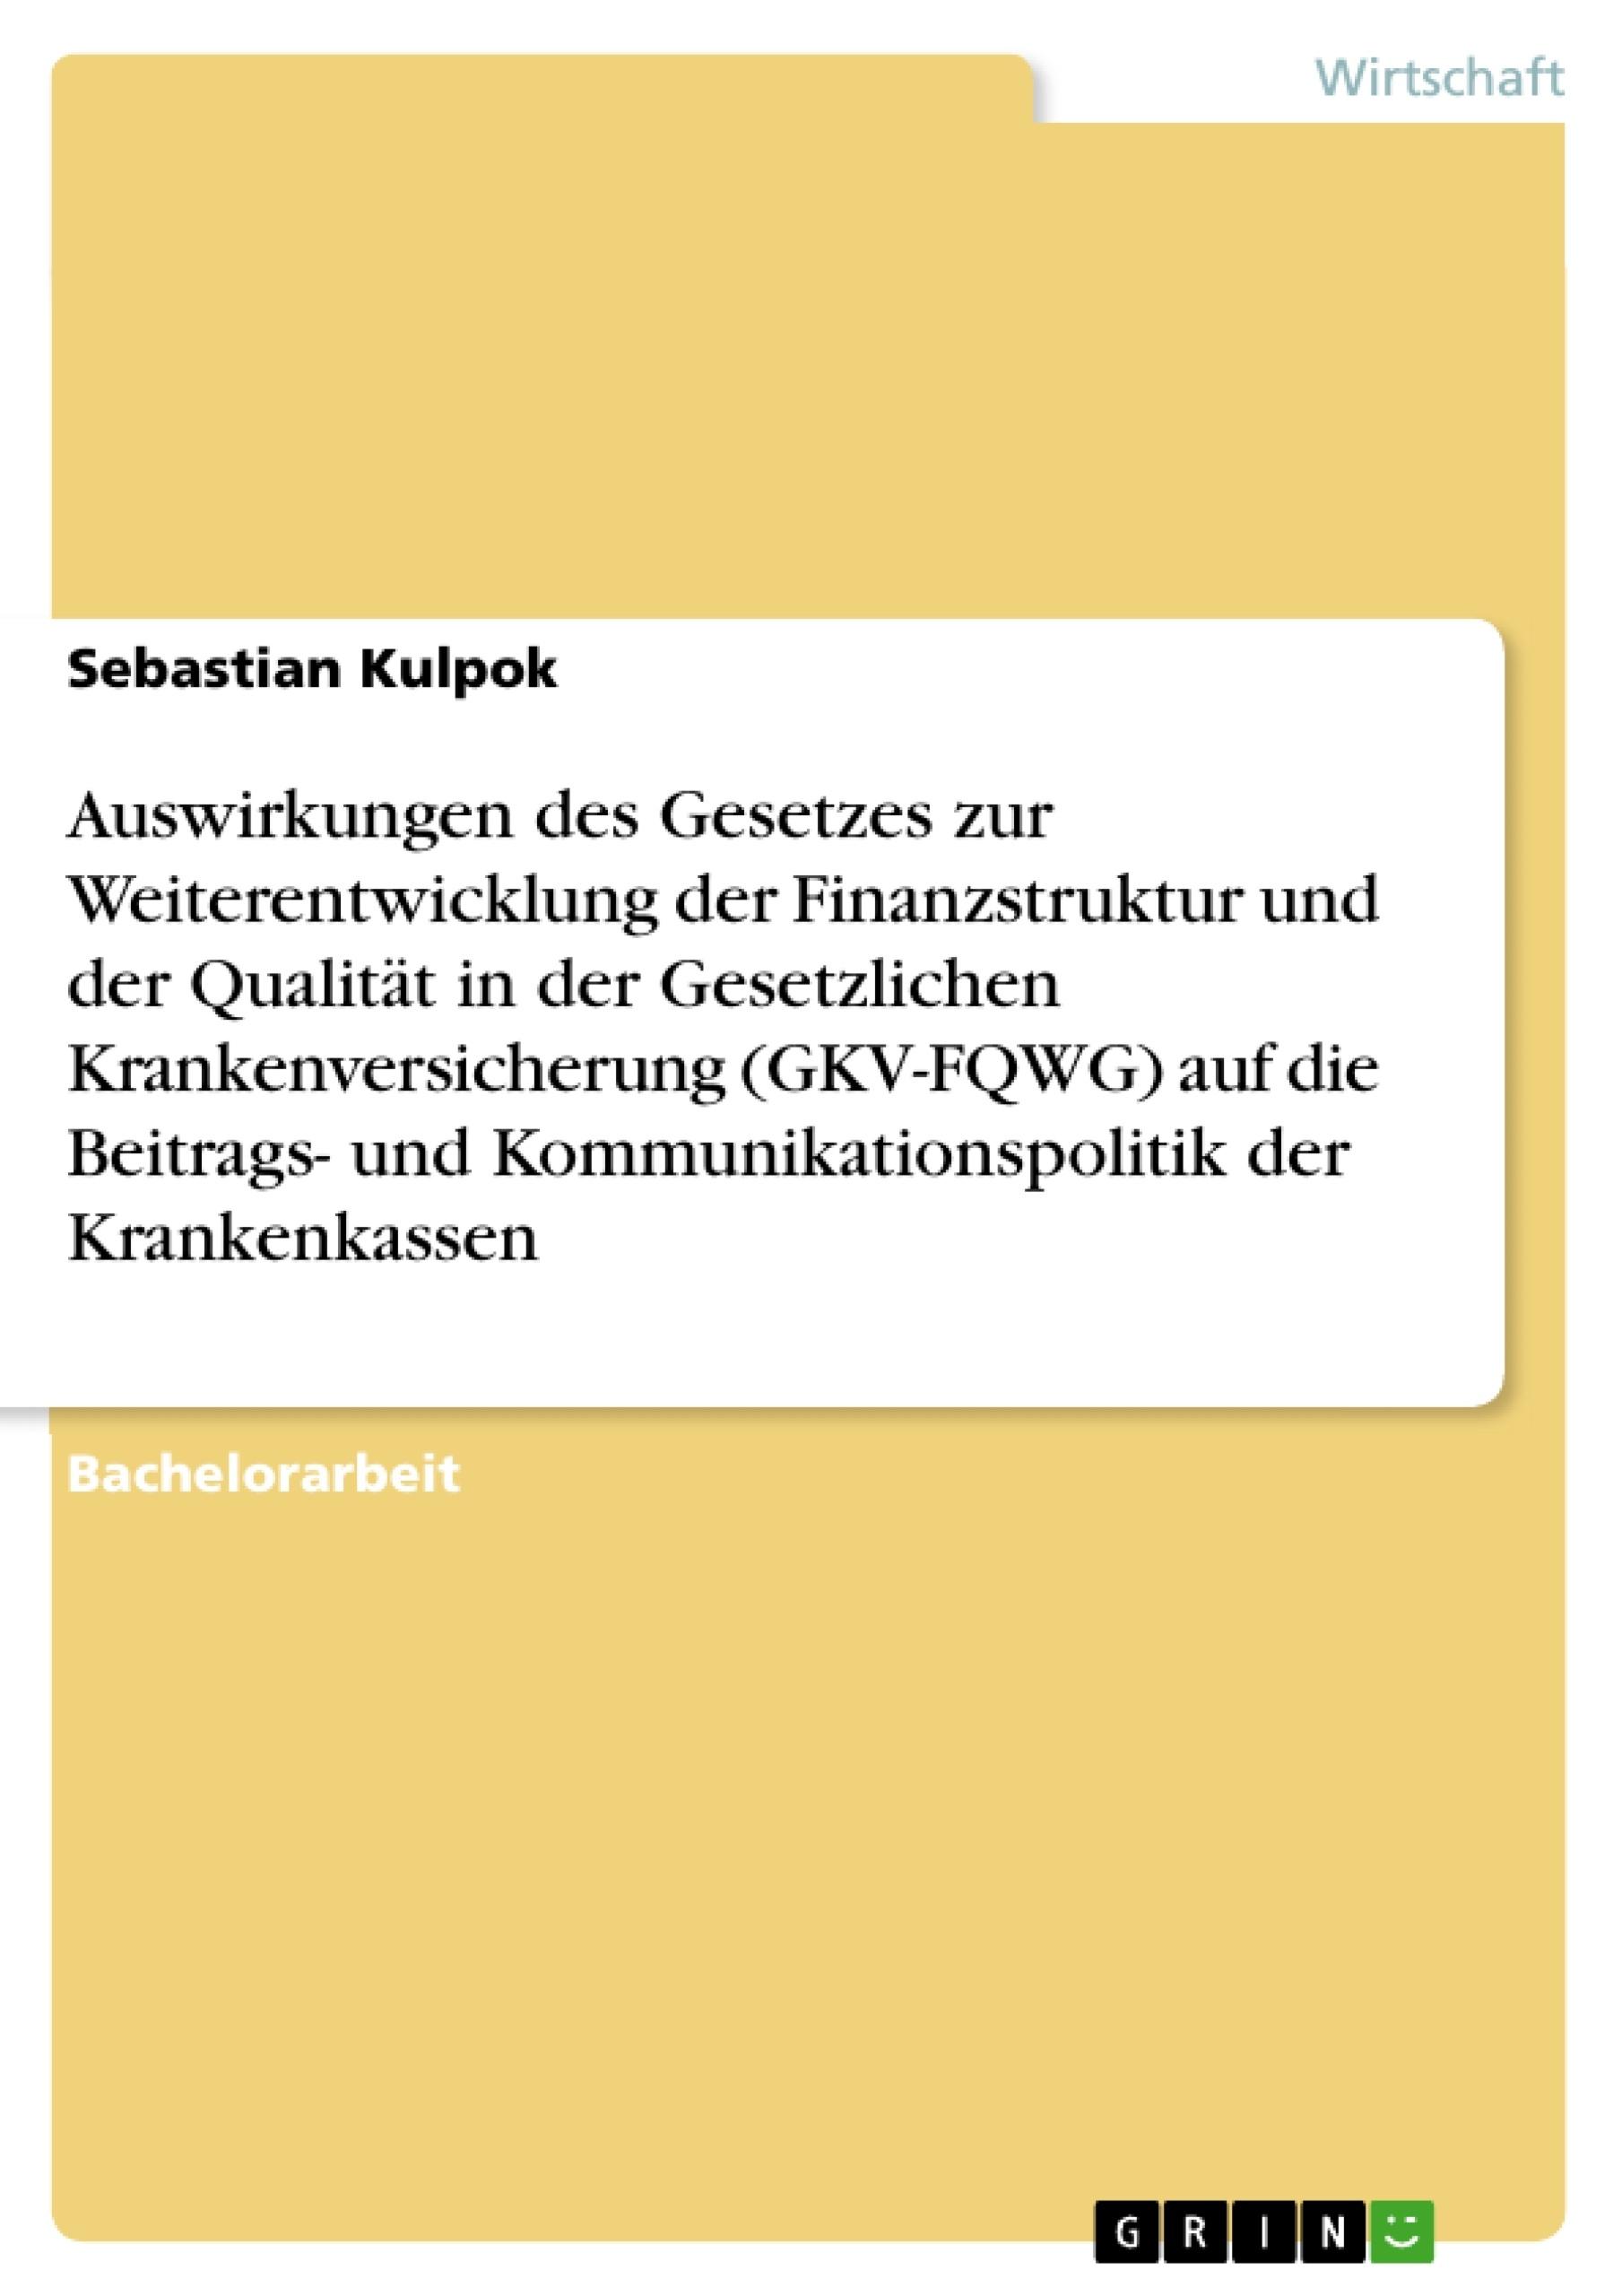 Titel: Auswirkungen des Gesetzes zur Weiterentwicklung der Finanzstruktur und der Qualität in der Gesetzlichen Krankenversicherung (GKV-FQWG) auf die Beitrags- und Kommunikationspolitik der Krankenkassen